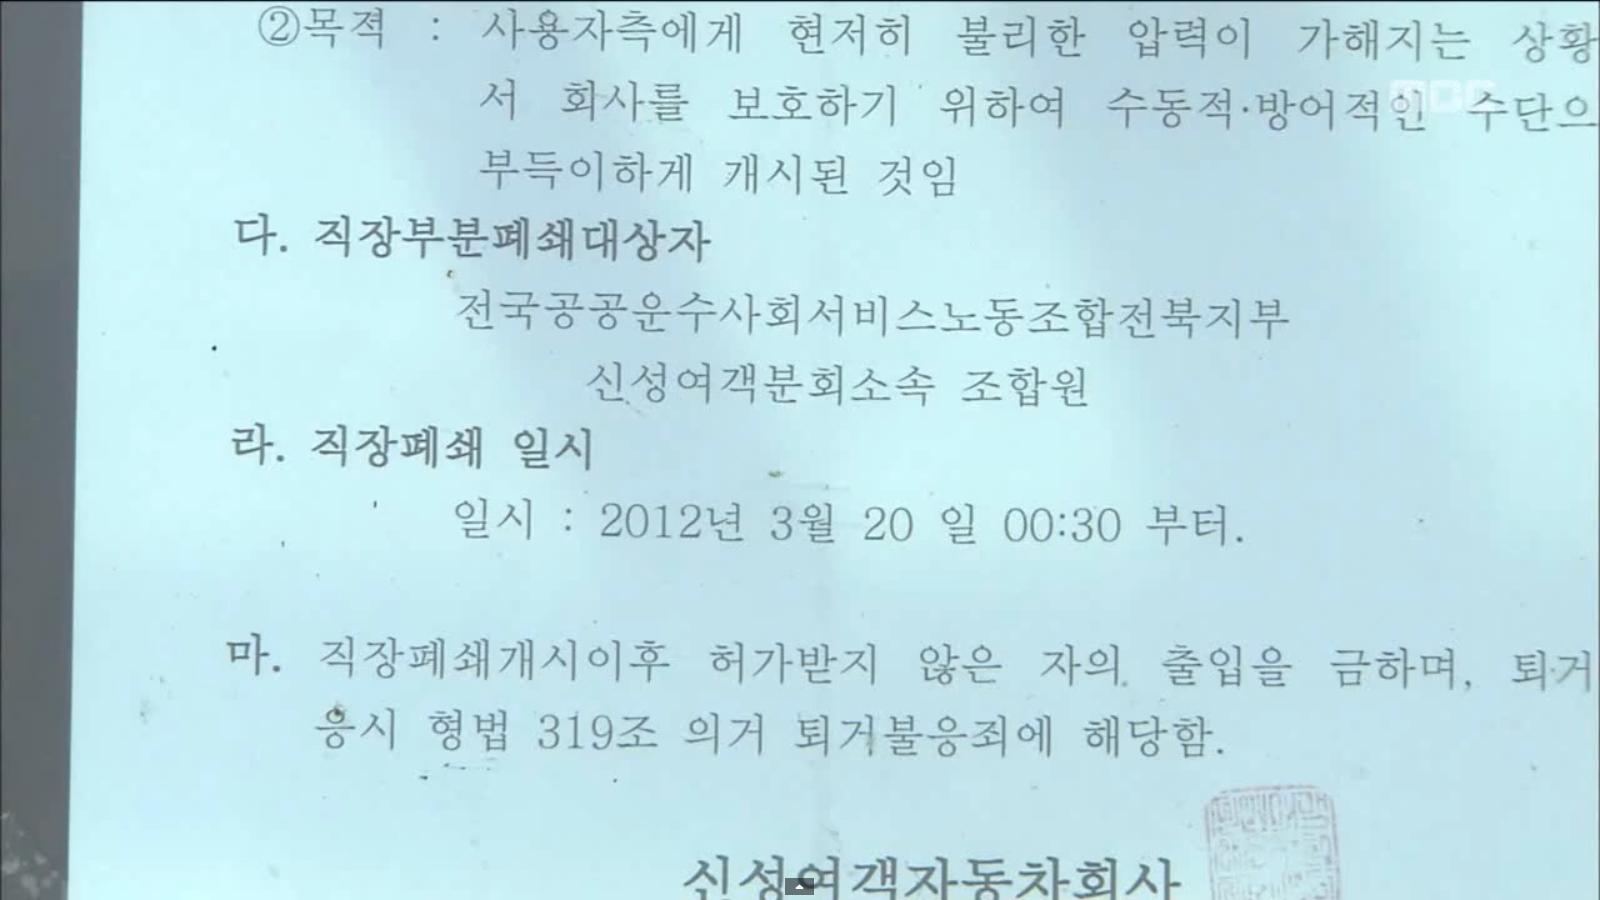 [15.7.13 전주MBC] 전주시내버스 보조금 환수 주민감사청구3-2.png